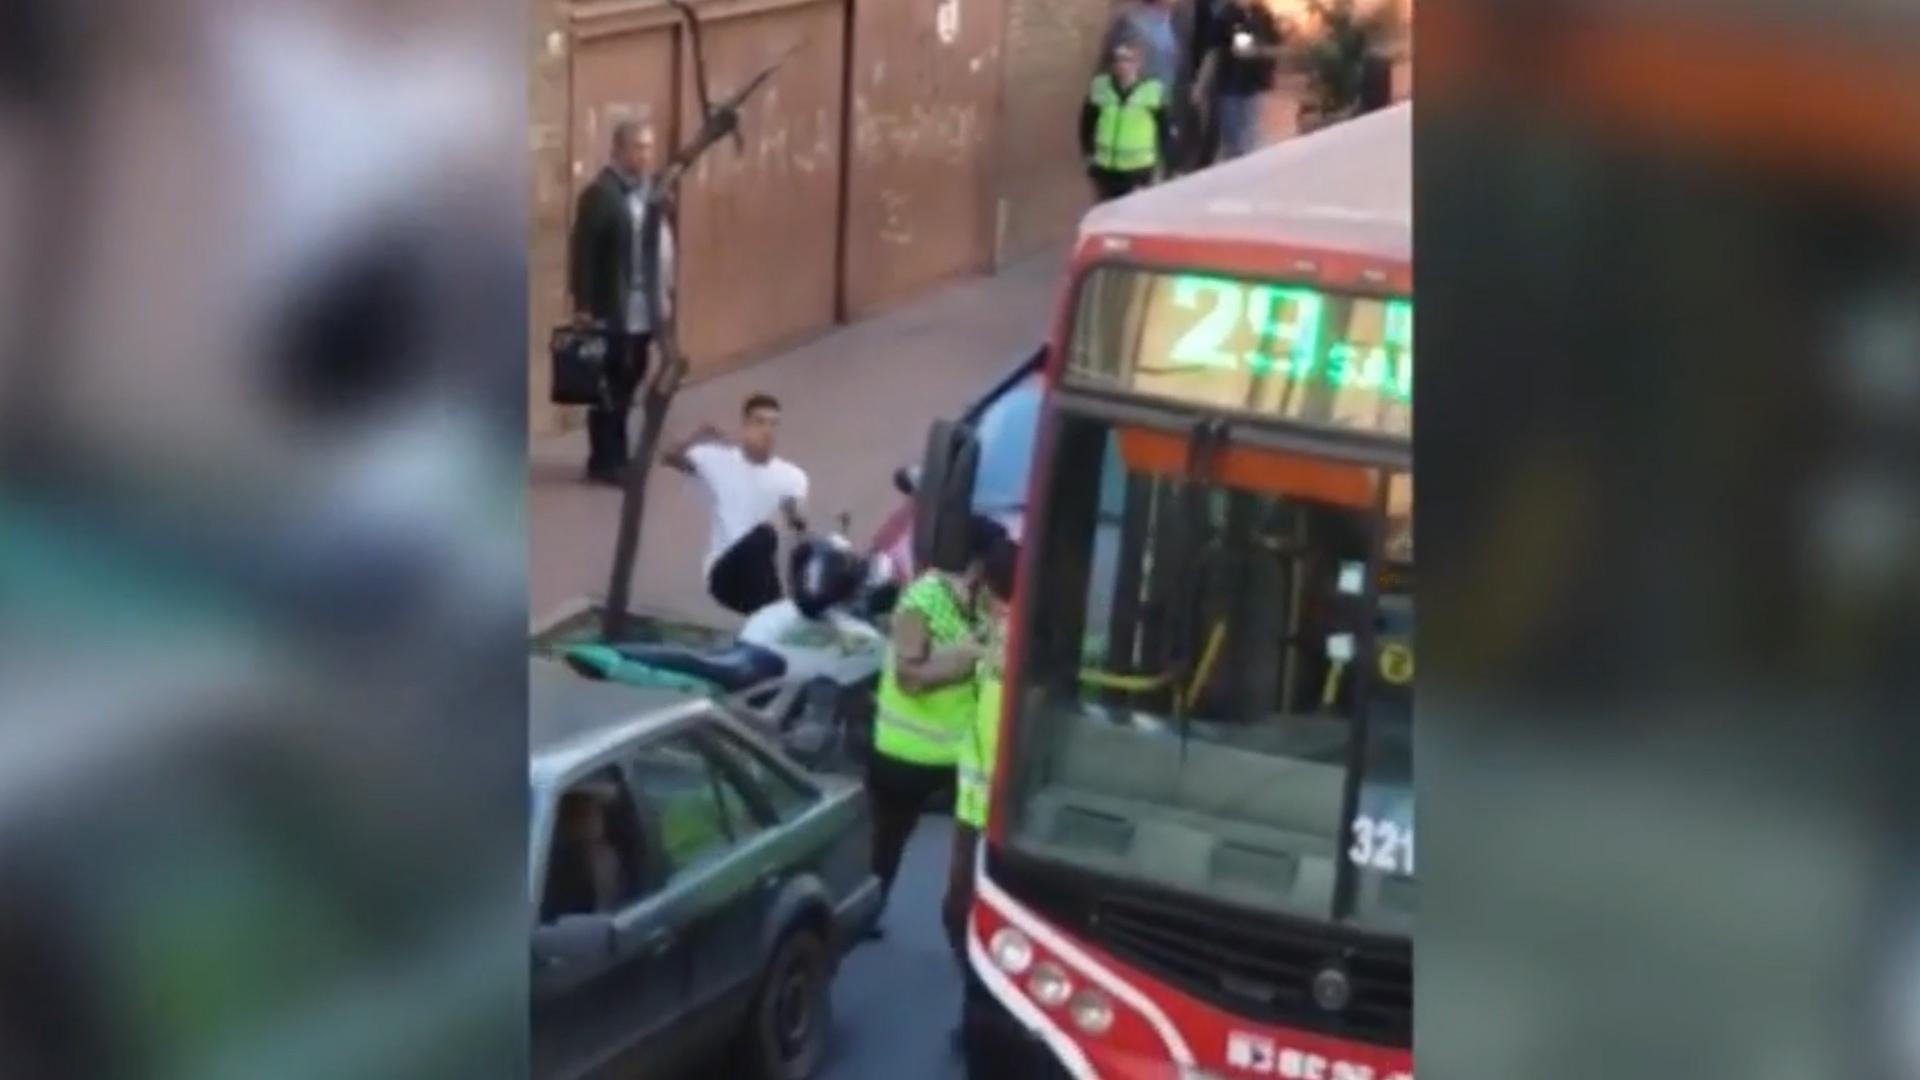 La patada a la moto municipal que desató la pelea entre inspectores y ciudadanos